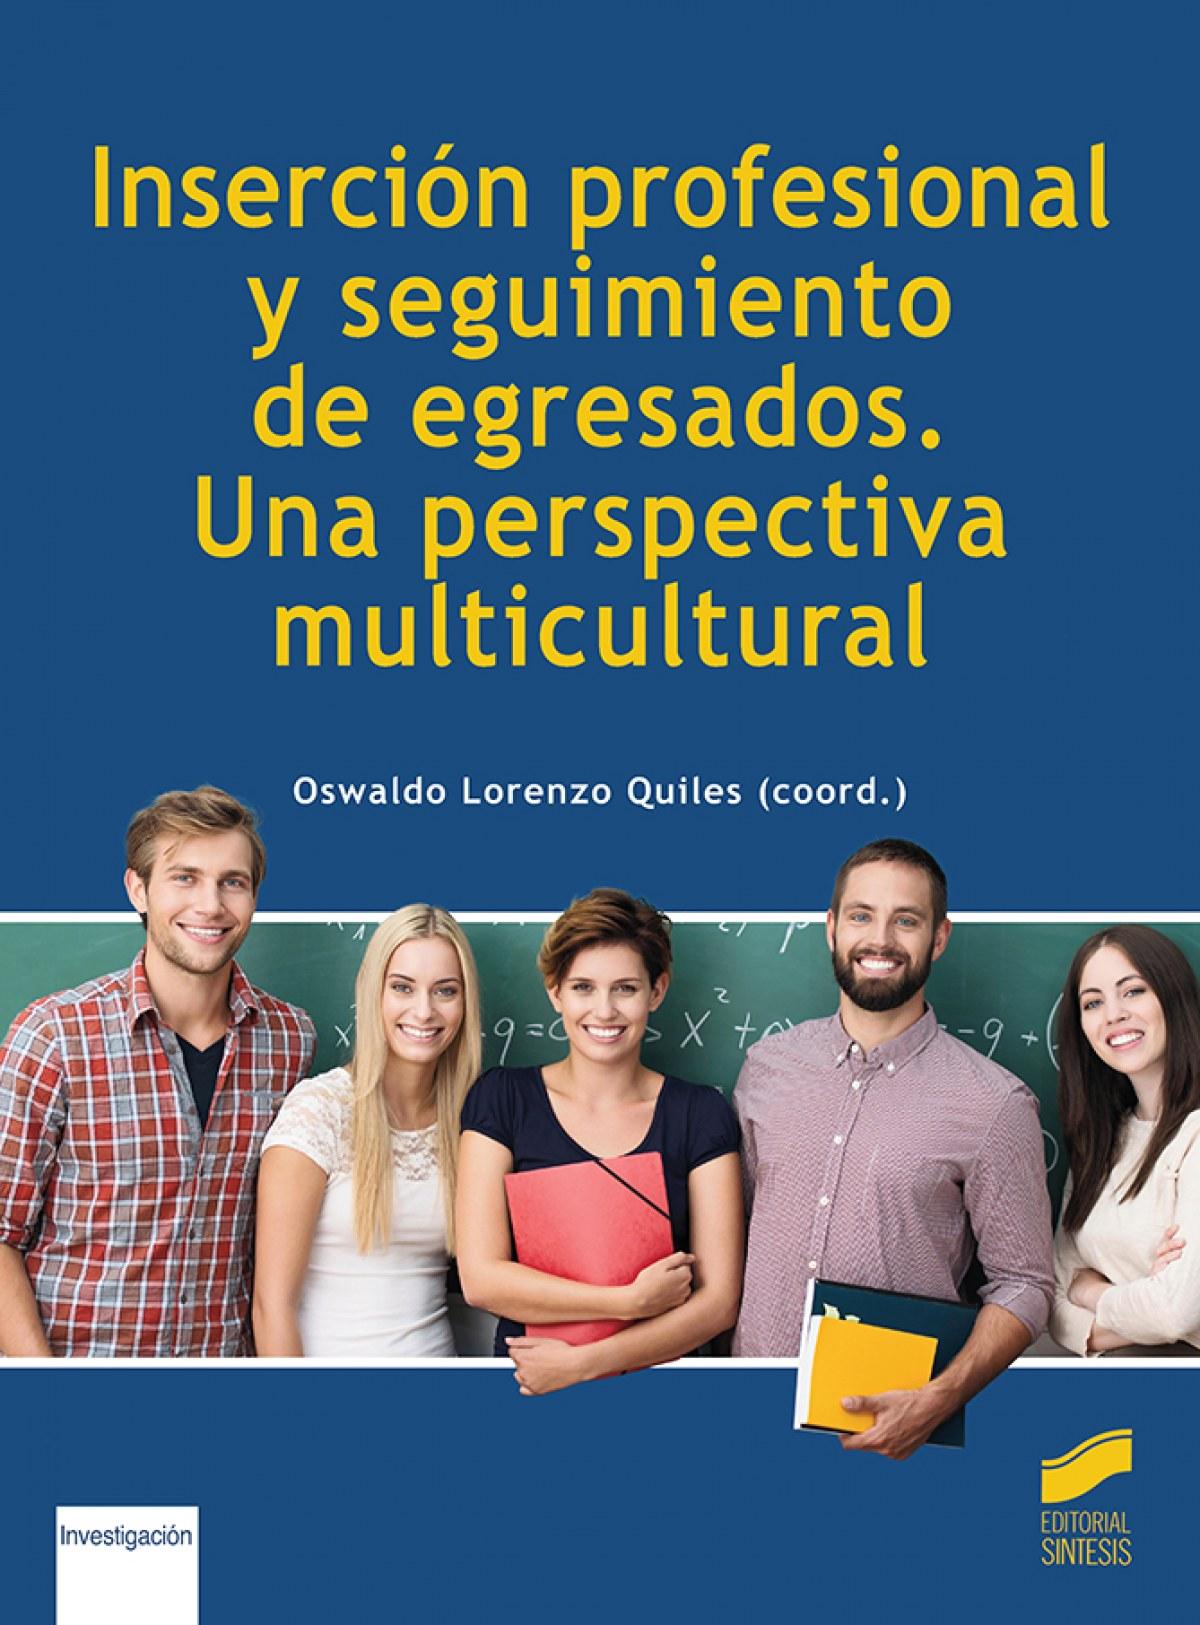 Inserción profesional y seguimiento de egresados. Una perspectiva multicultural